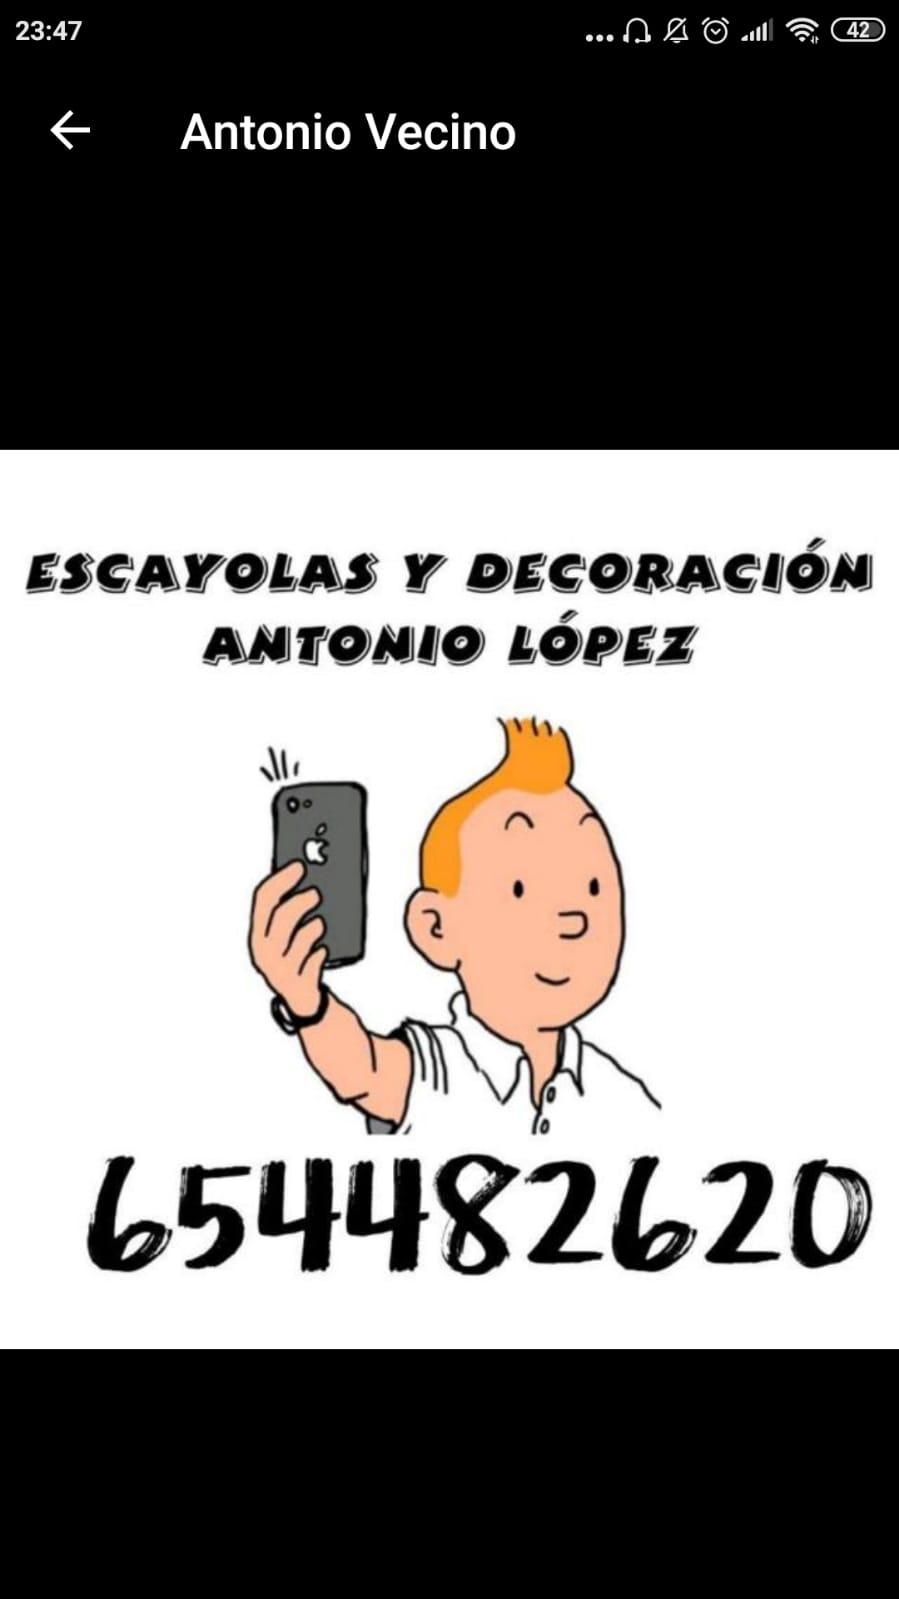 Escayolas Y Decoración Antonio Lopez